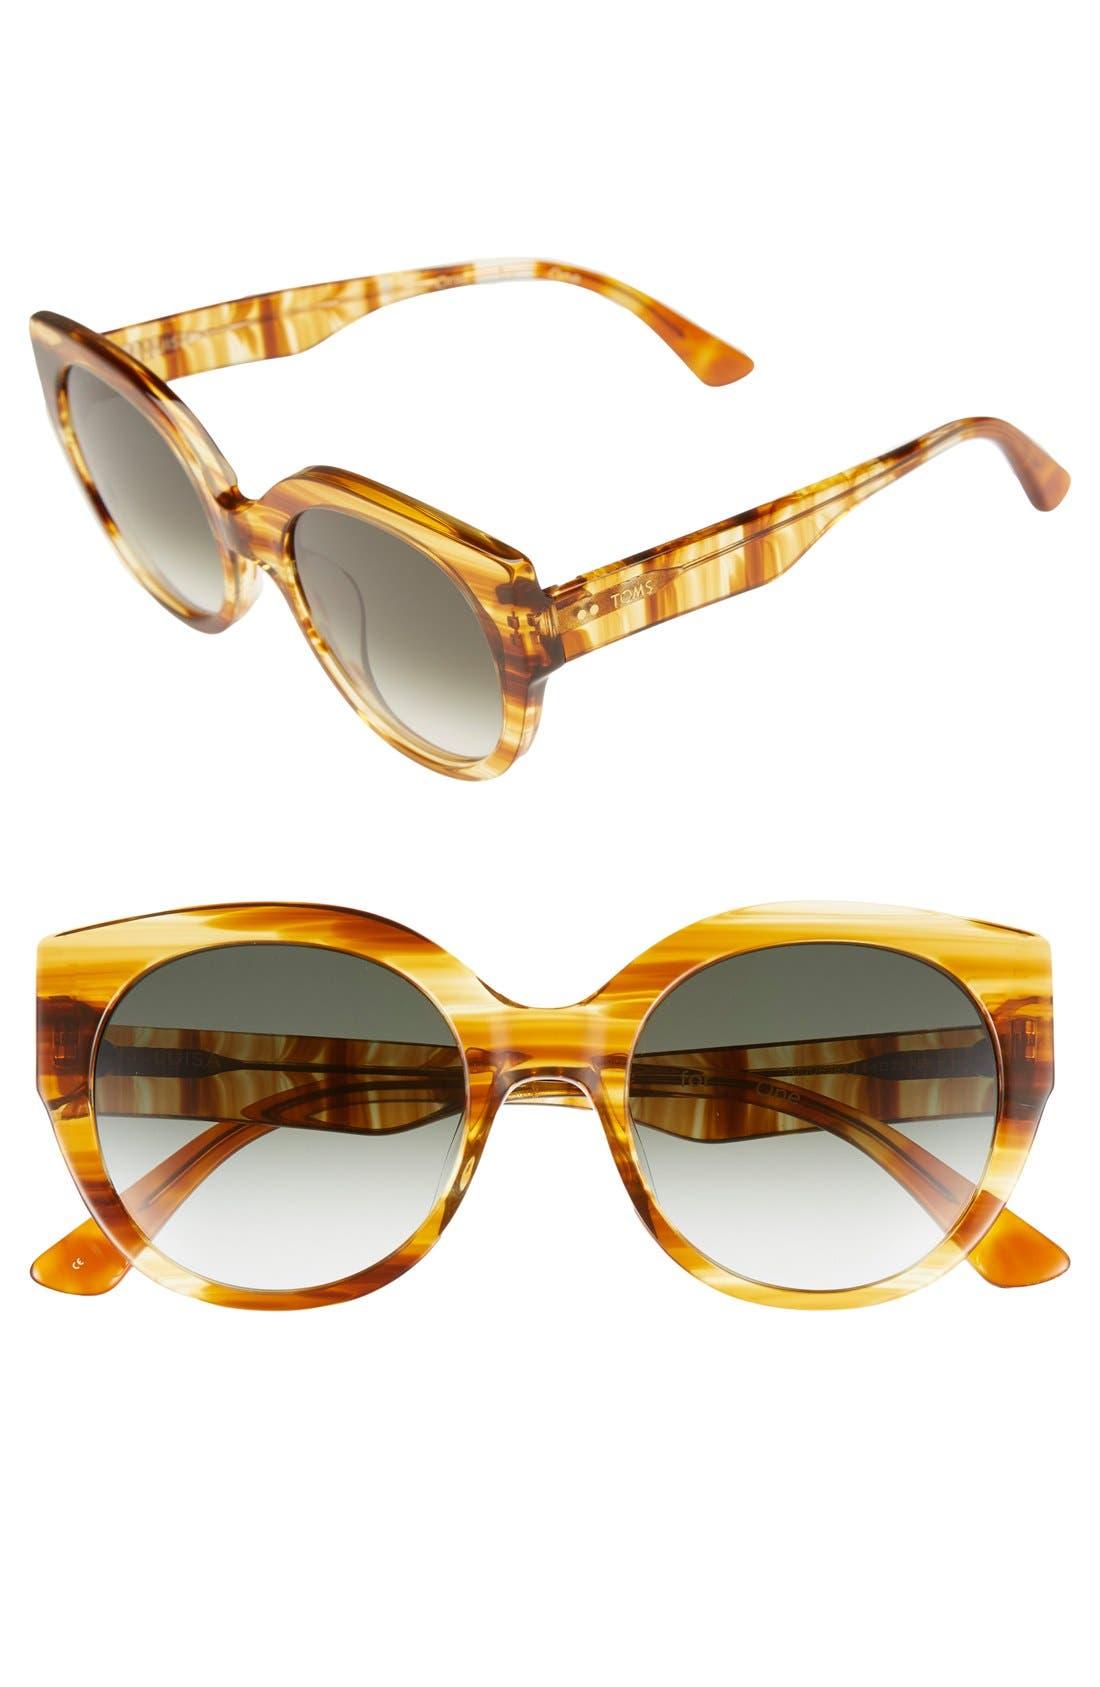 Main Image - TOMS 'Luisa' 54mm Retro Sunglasses